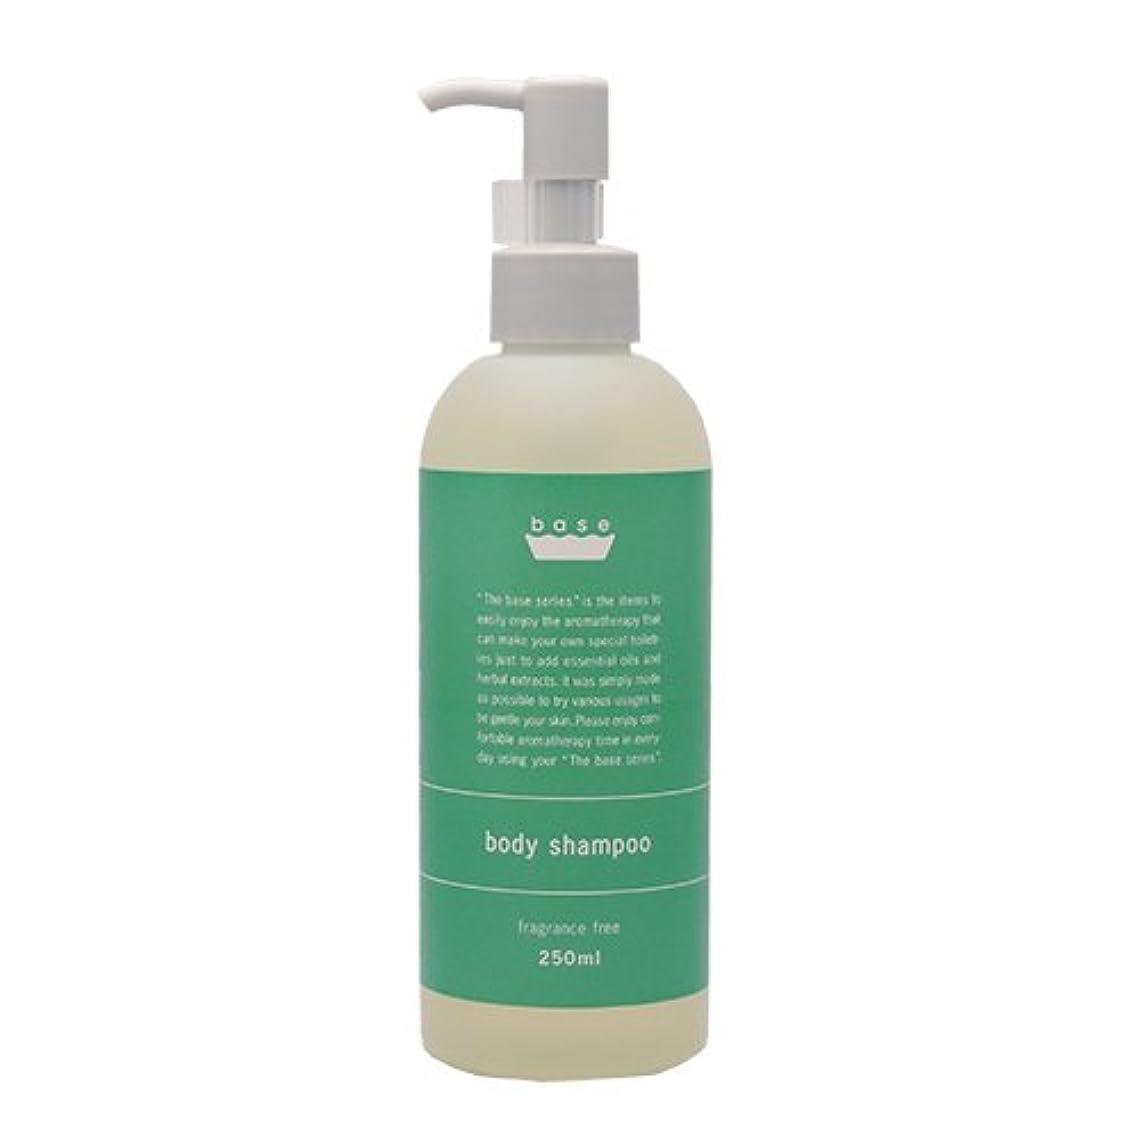 間隔機械的の前でフレーバーライフ(Flavor Life) フレーバーライフ base body shampoo(ボディーシャンプー)250ml ボディソープ